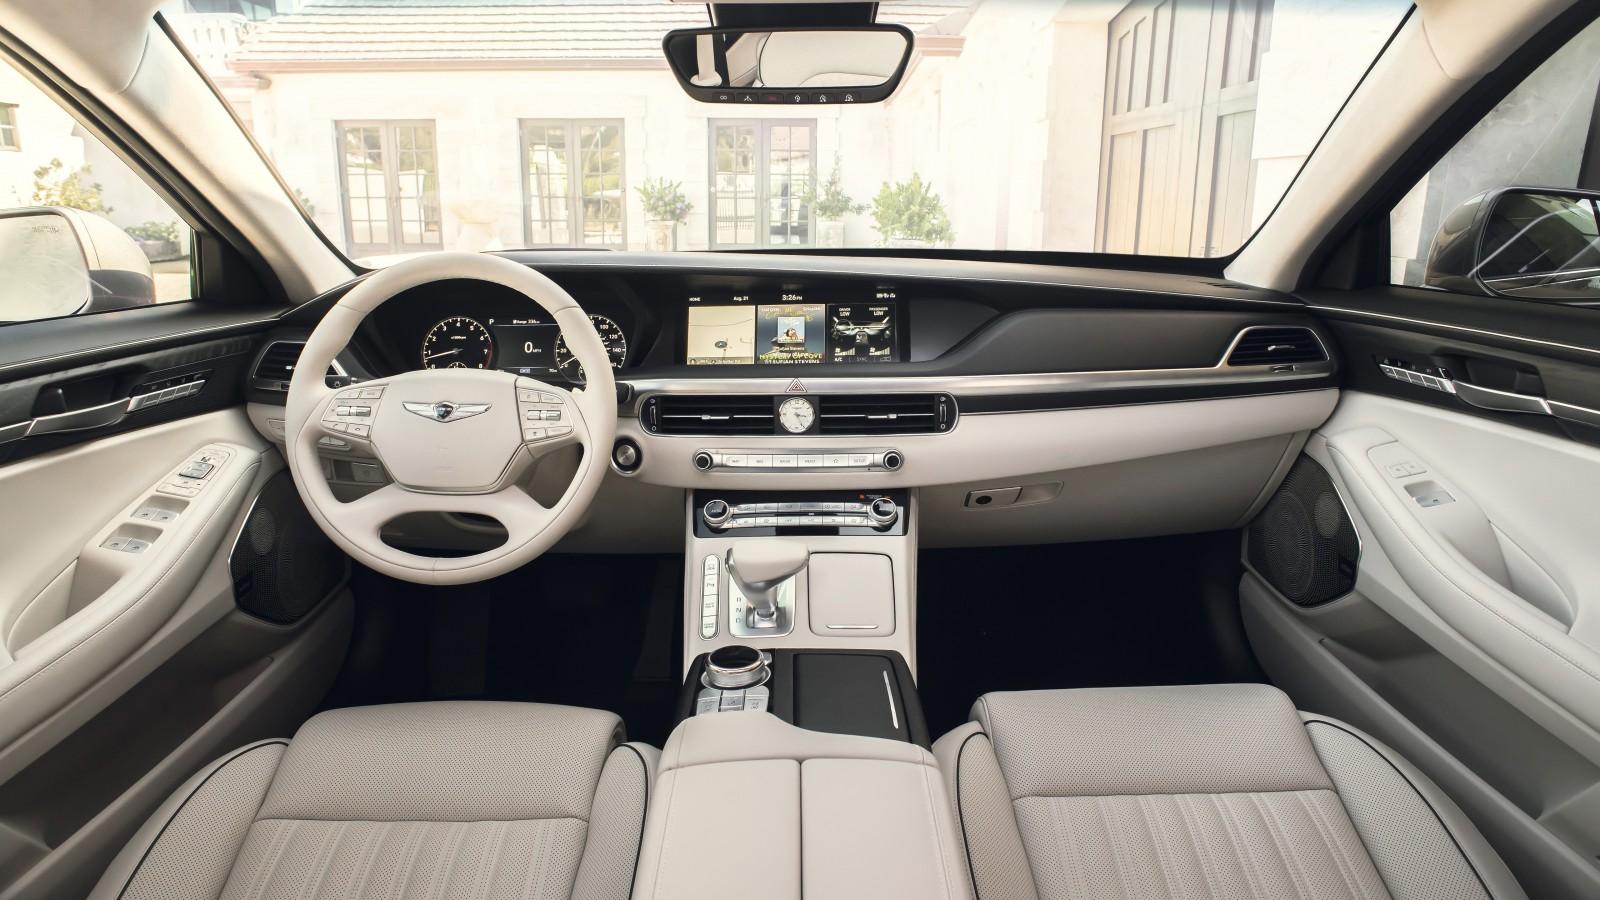 2020 Genesis G90 4K Interior Wallpaper | HD Car Wallpapers ...